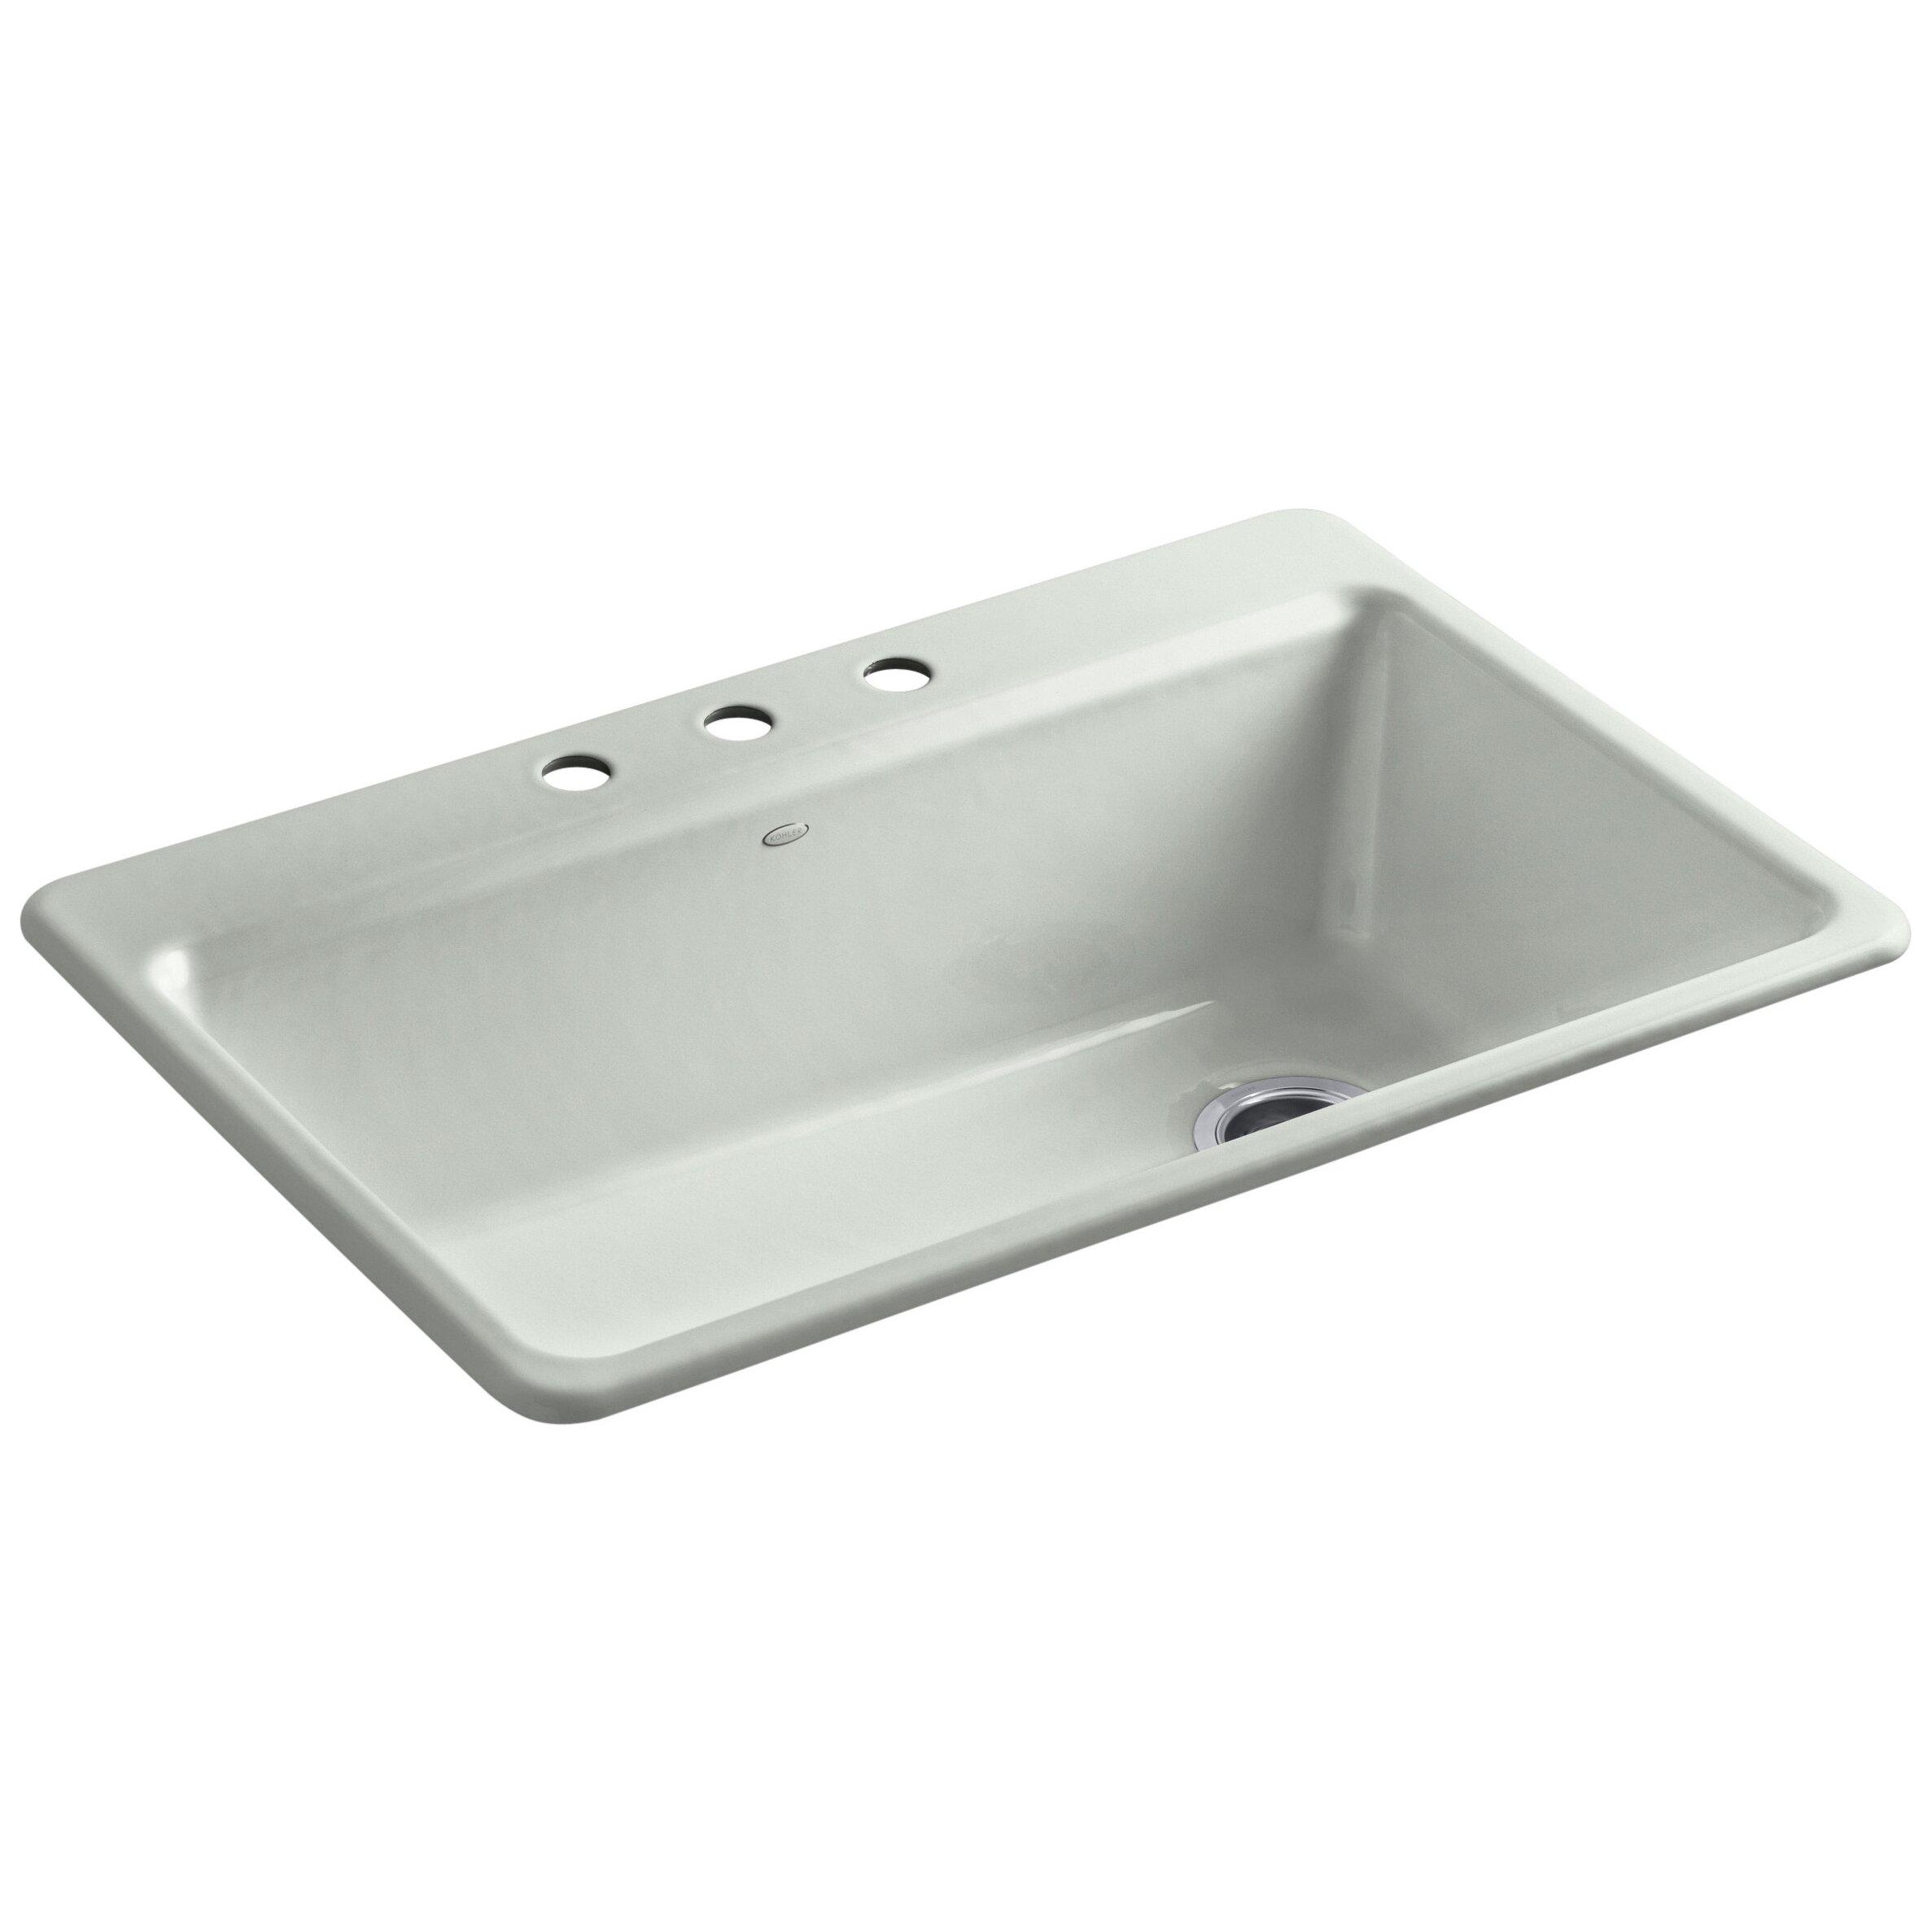 Kohler Sink Protectors : Kohler Riverby 33